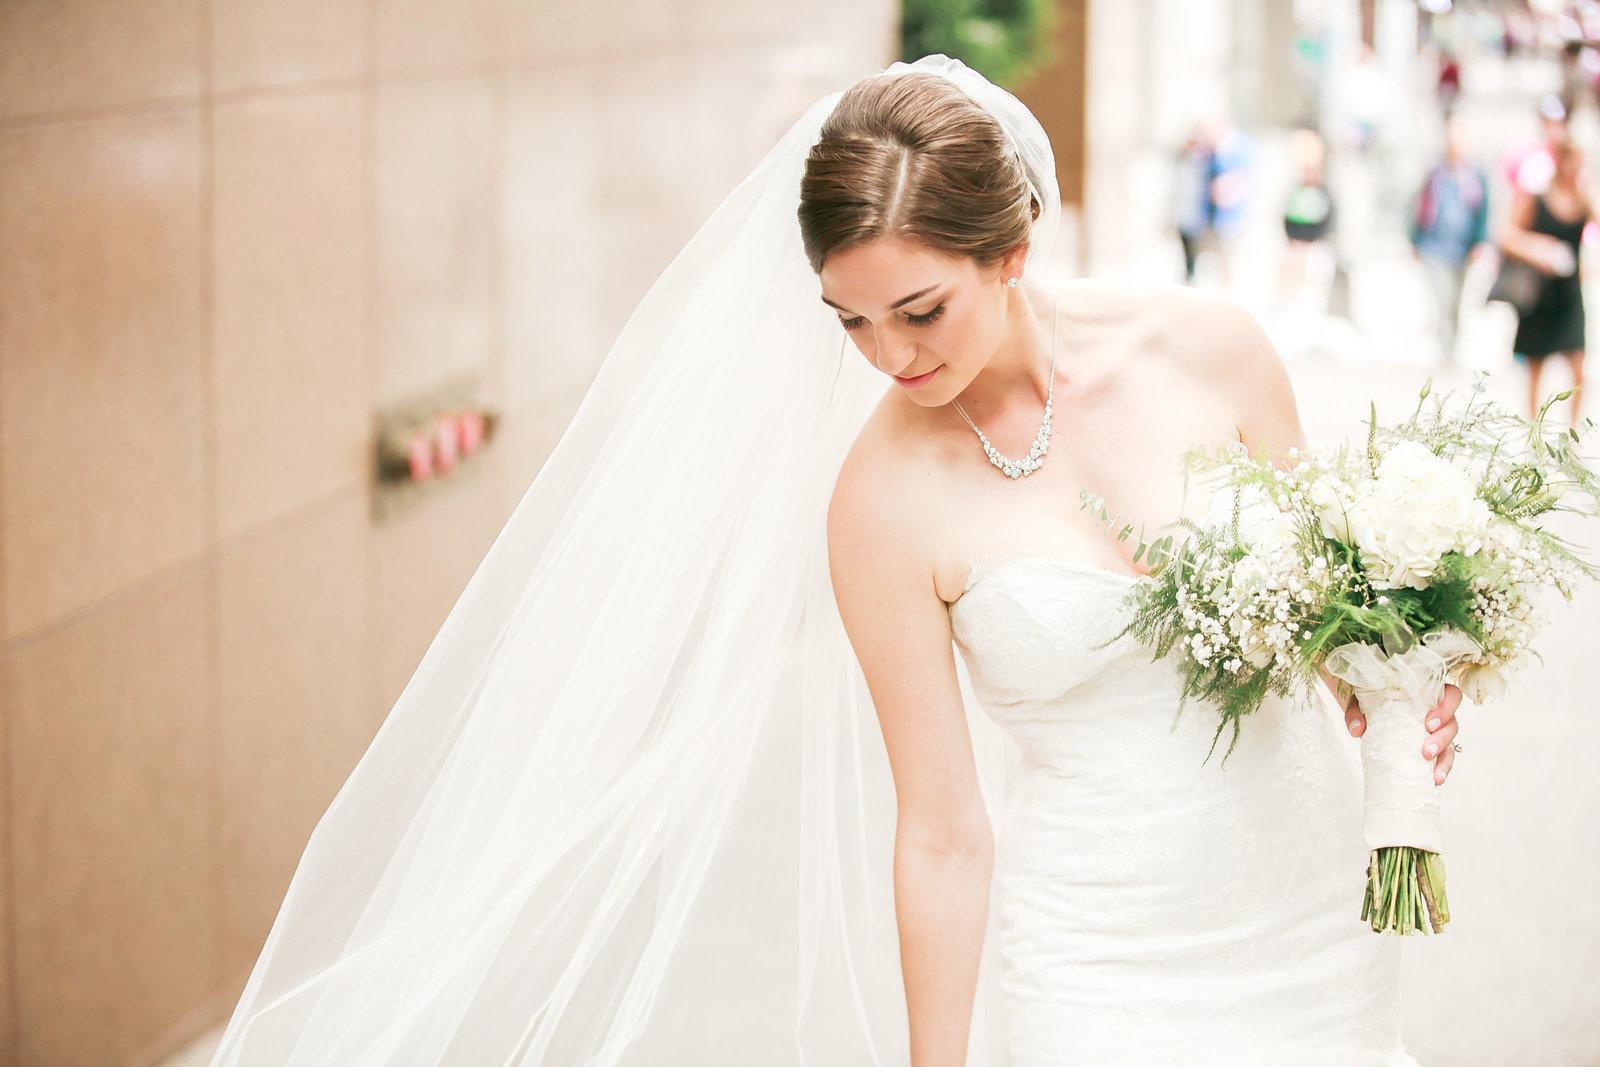 kevin-kristin-wedding-photos380451